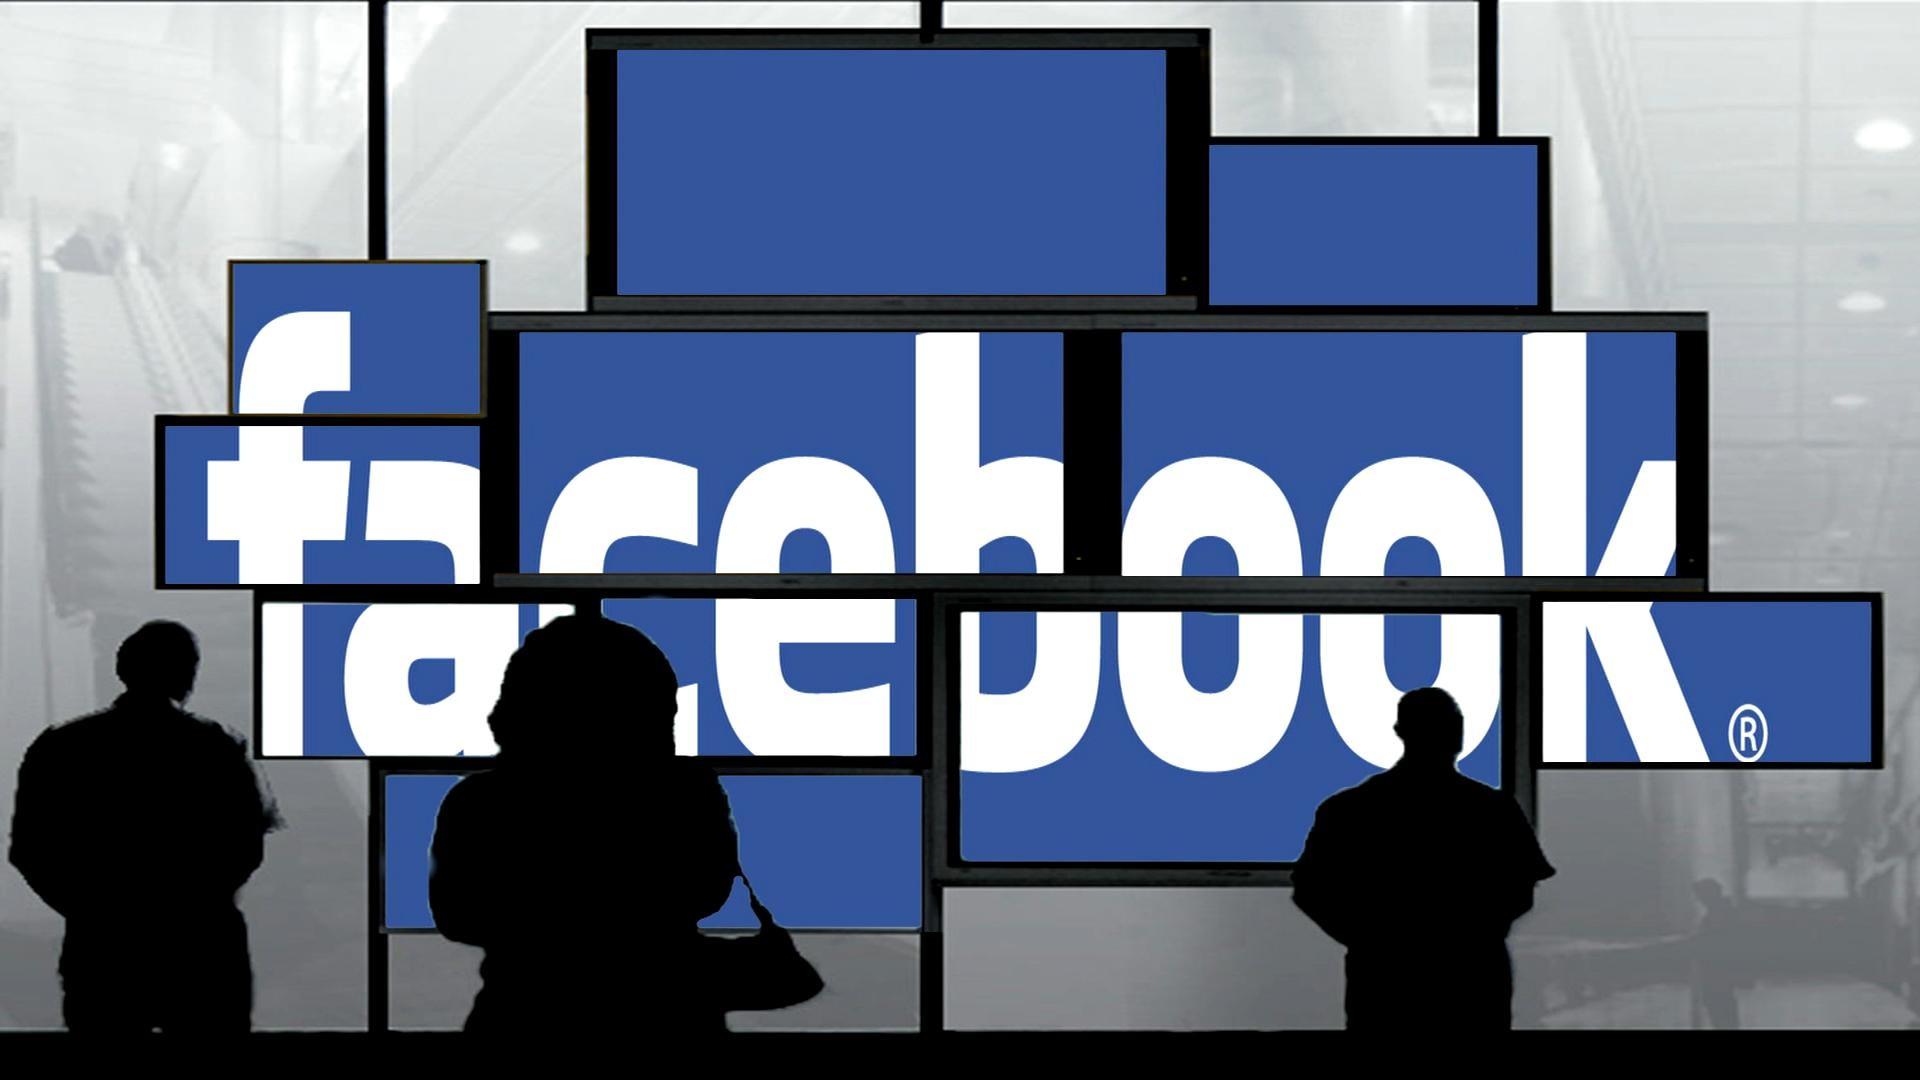 Психологи определили число настоящих друзей в Facebook